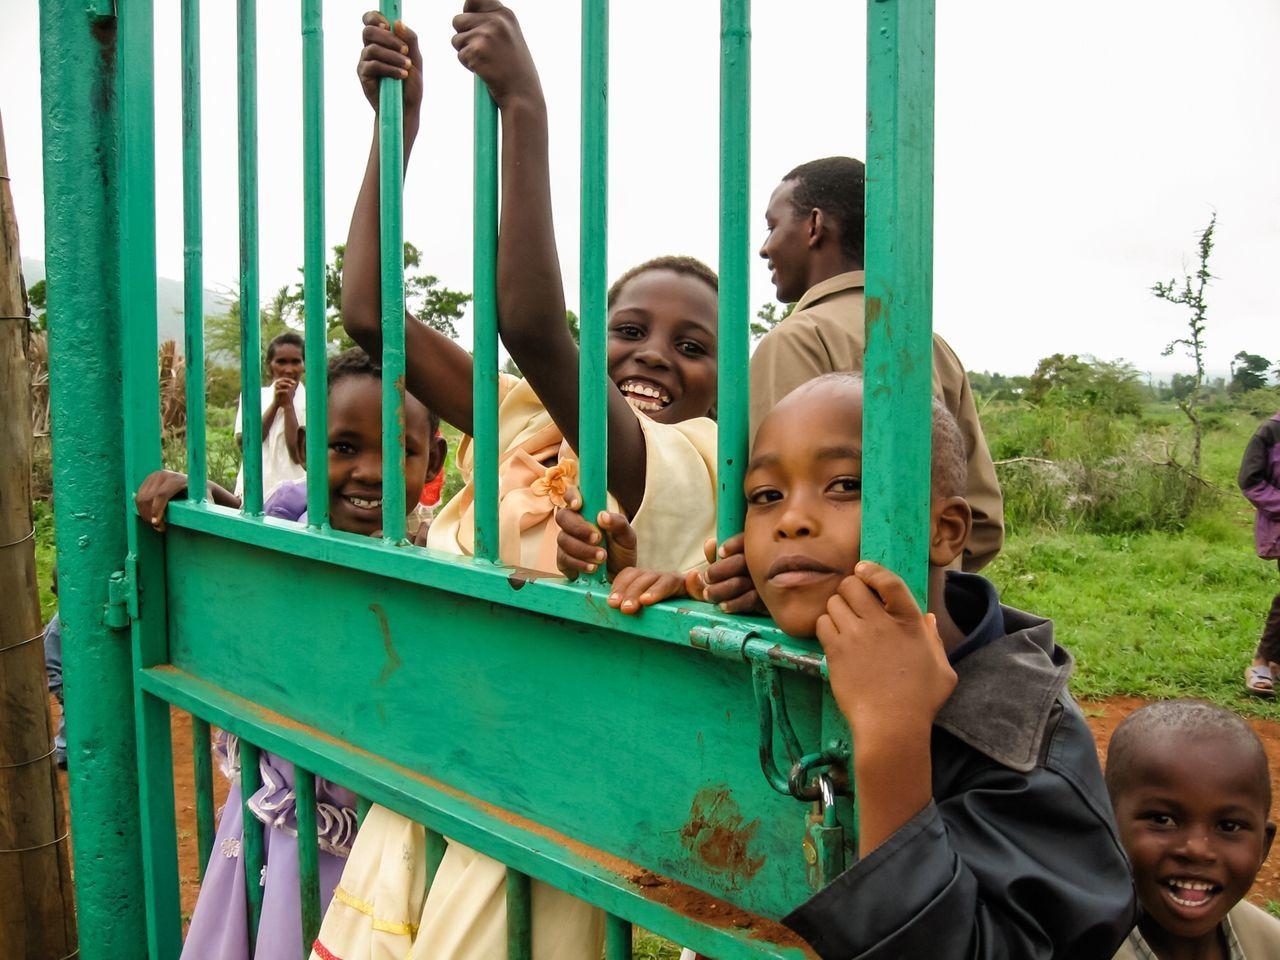 Kids Kids Being Kids Kid Children Curious Curious Kids Take My Picture Kenya Kenyan Kenyan Children Africa African African Children African Children Smiling Shy Gate Green Gate Swing From Gate Sunday Best Sunday Dress